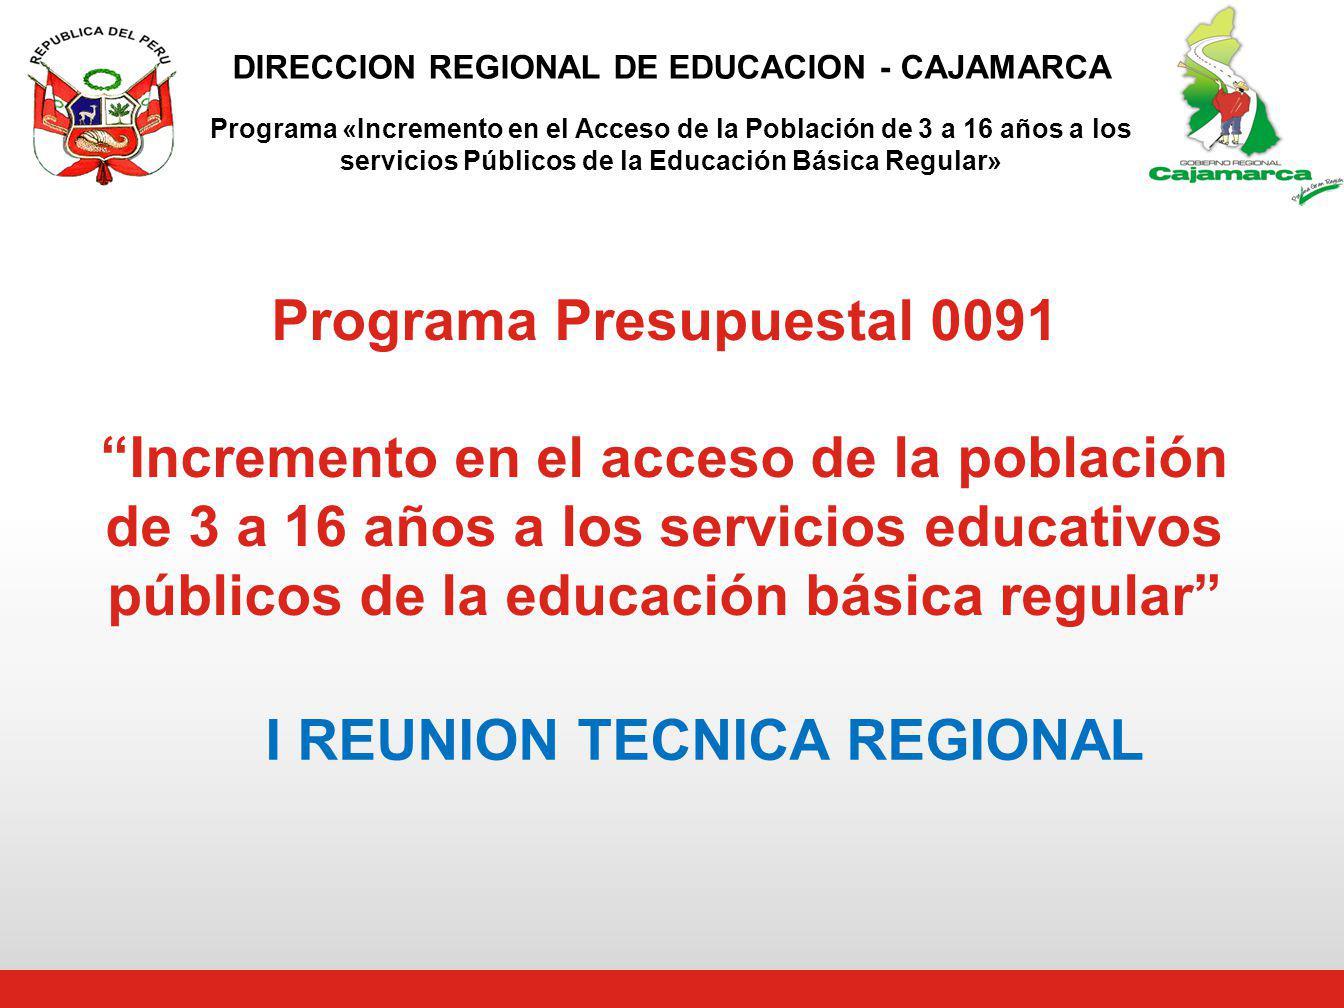 I REUNION TECNICA REGIONAL